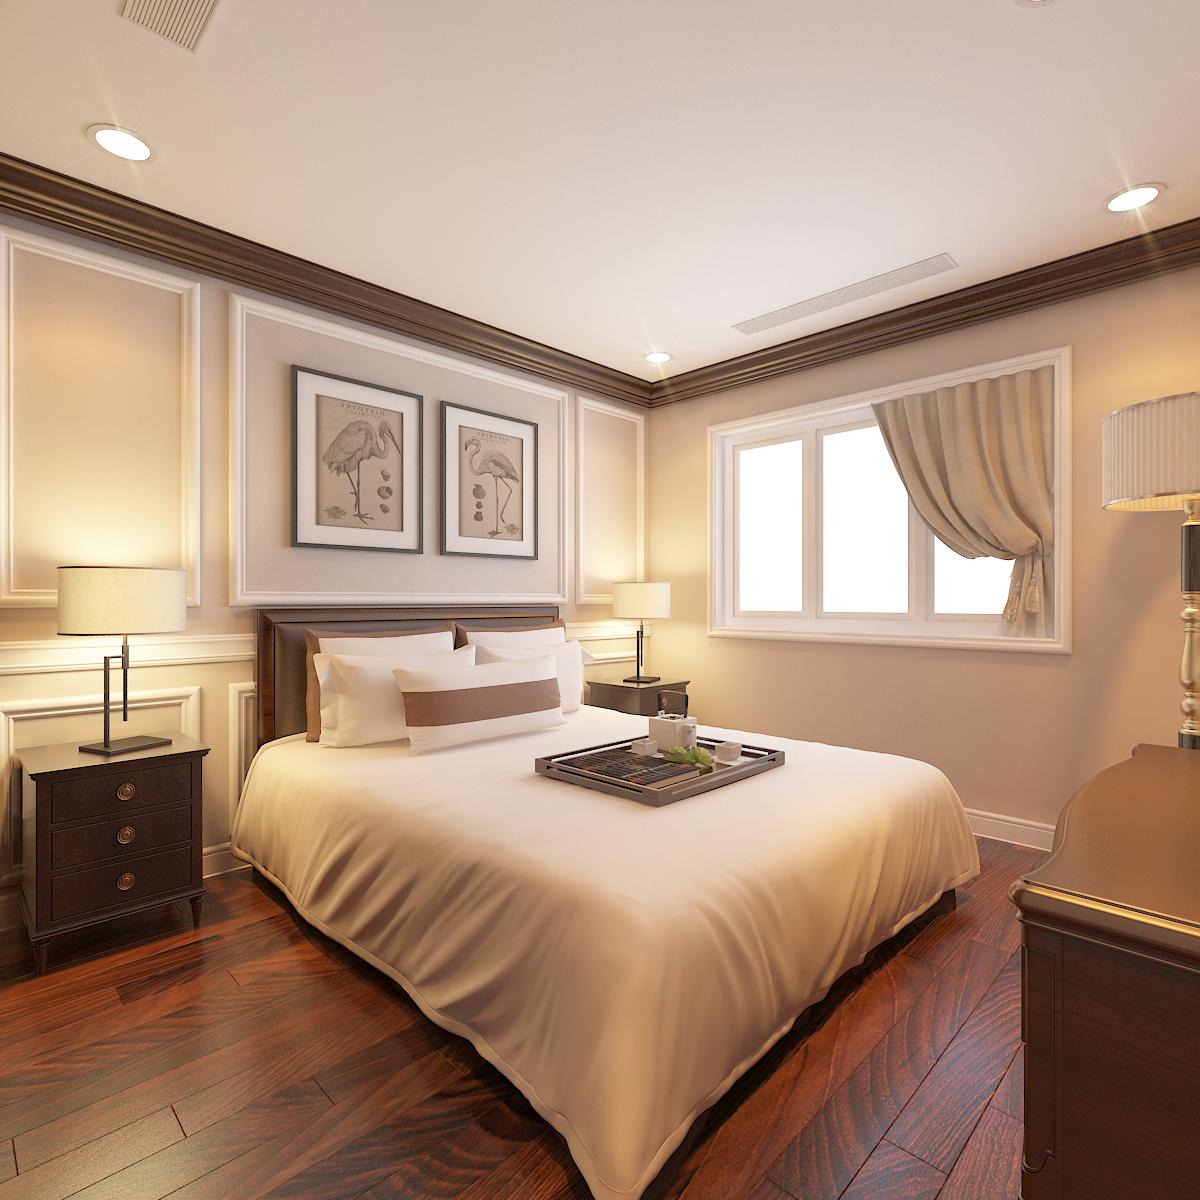 thiết kế nội thất Biệt Thự tại Hà Nội bt Vinhomes - riverside 54 1568276287